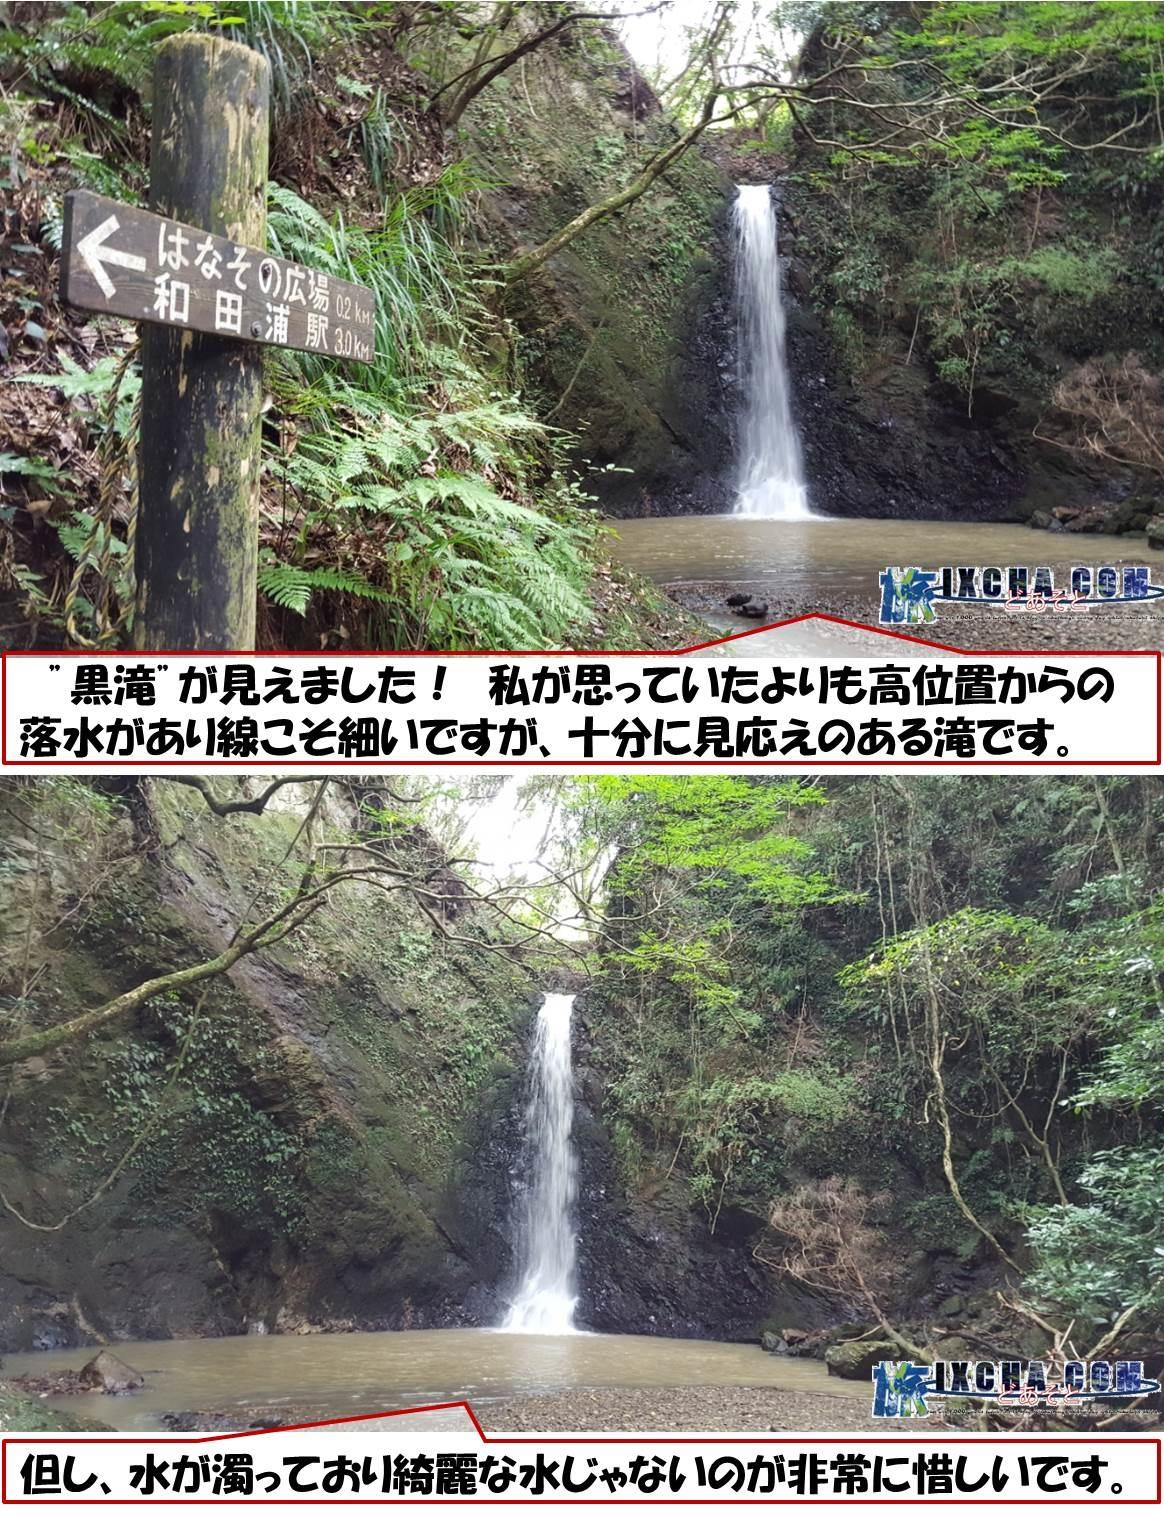 """""""黒滝""""が見えました! 私が思っていたよりも高位置からの落水があり線こそ細いですが、十分に見応えのある滝です。 但し、水が濁っており綺麗な水じゃないのが非常に惜しいです。"""